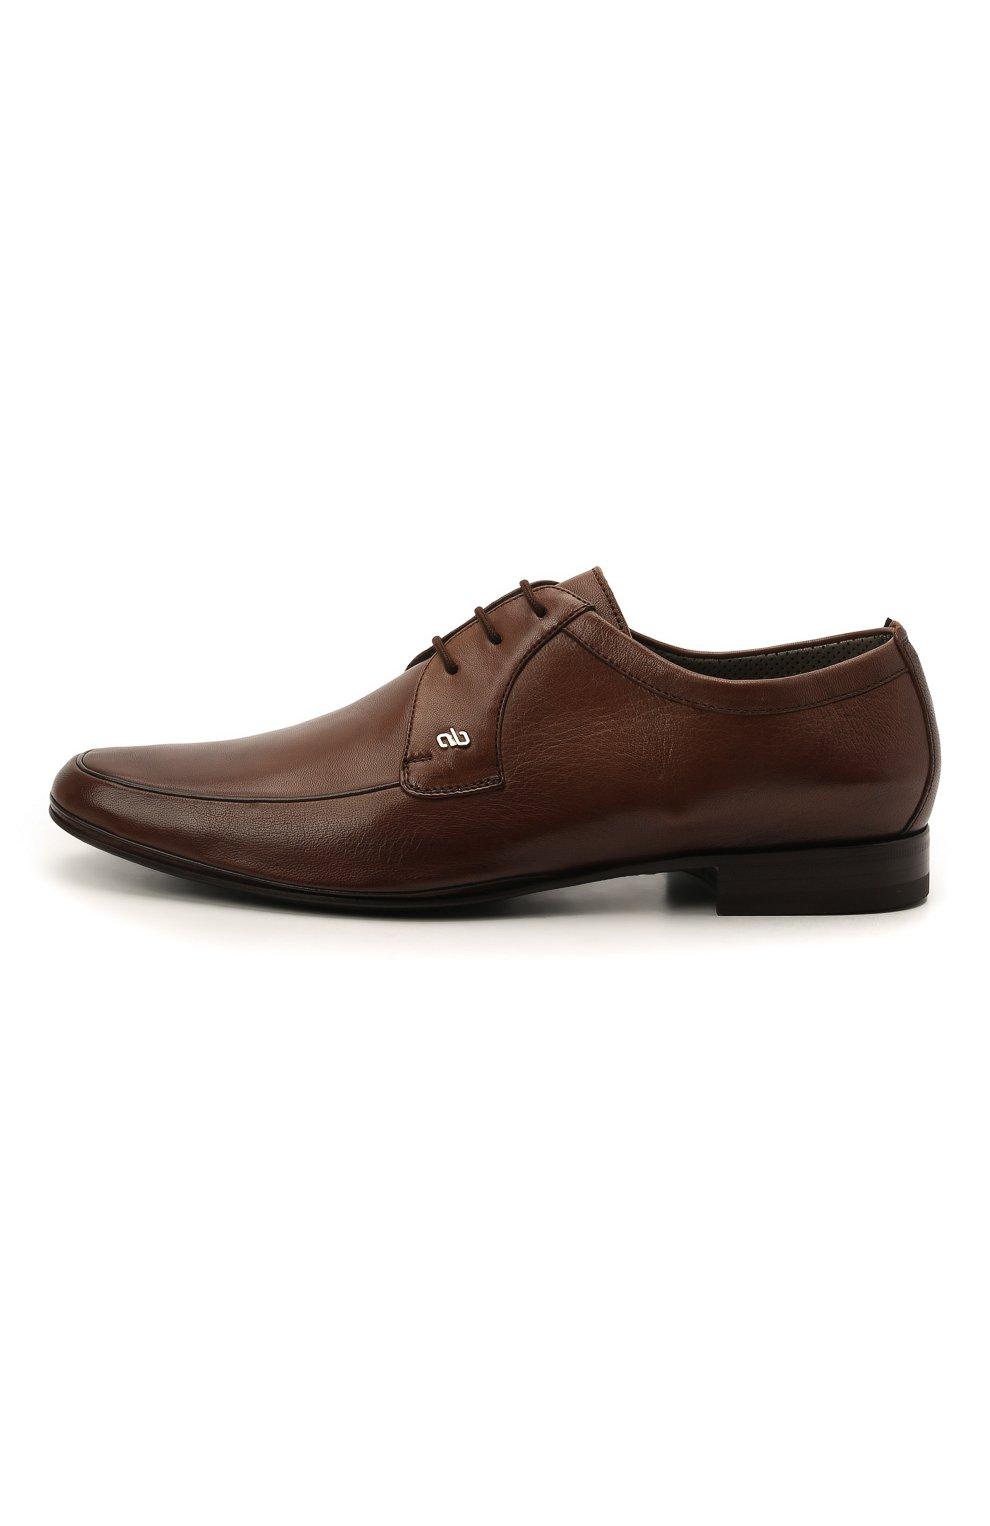 Мужские кожаные дерби ALDO BRUE коричневого цвета, арт. AB7015.MP.P.16CF   Фото 3 (Материал внутренний: Натуральная кожа; Стили: Классический)